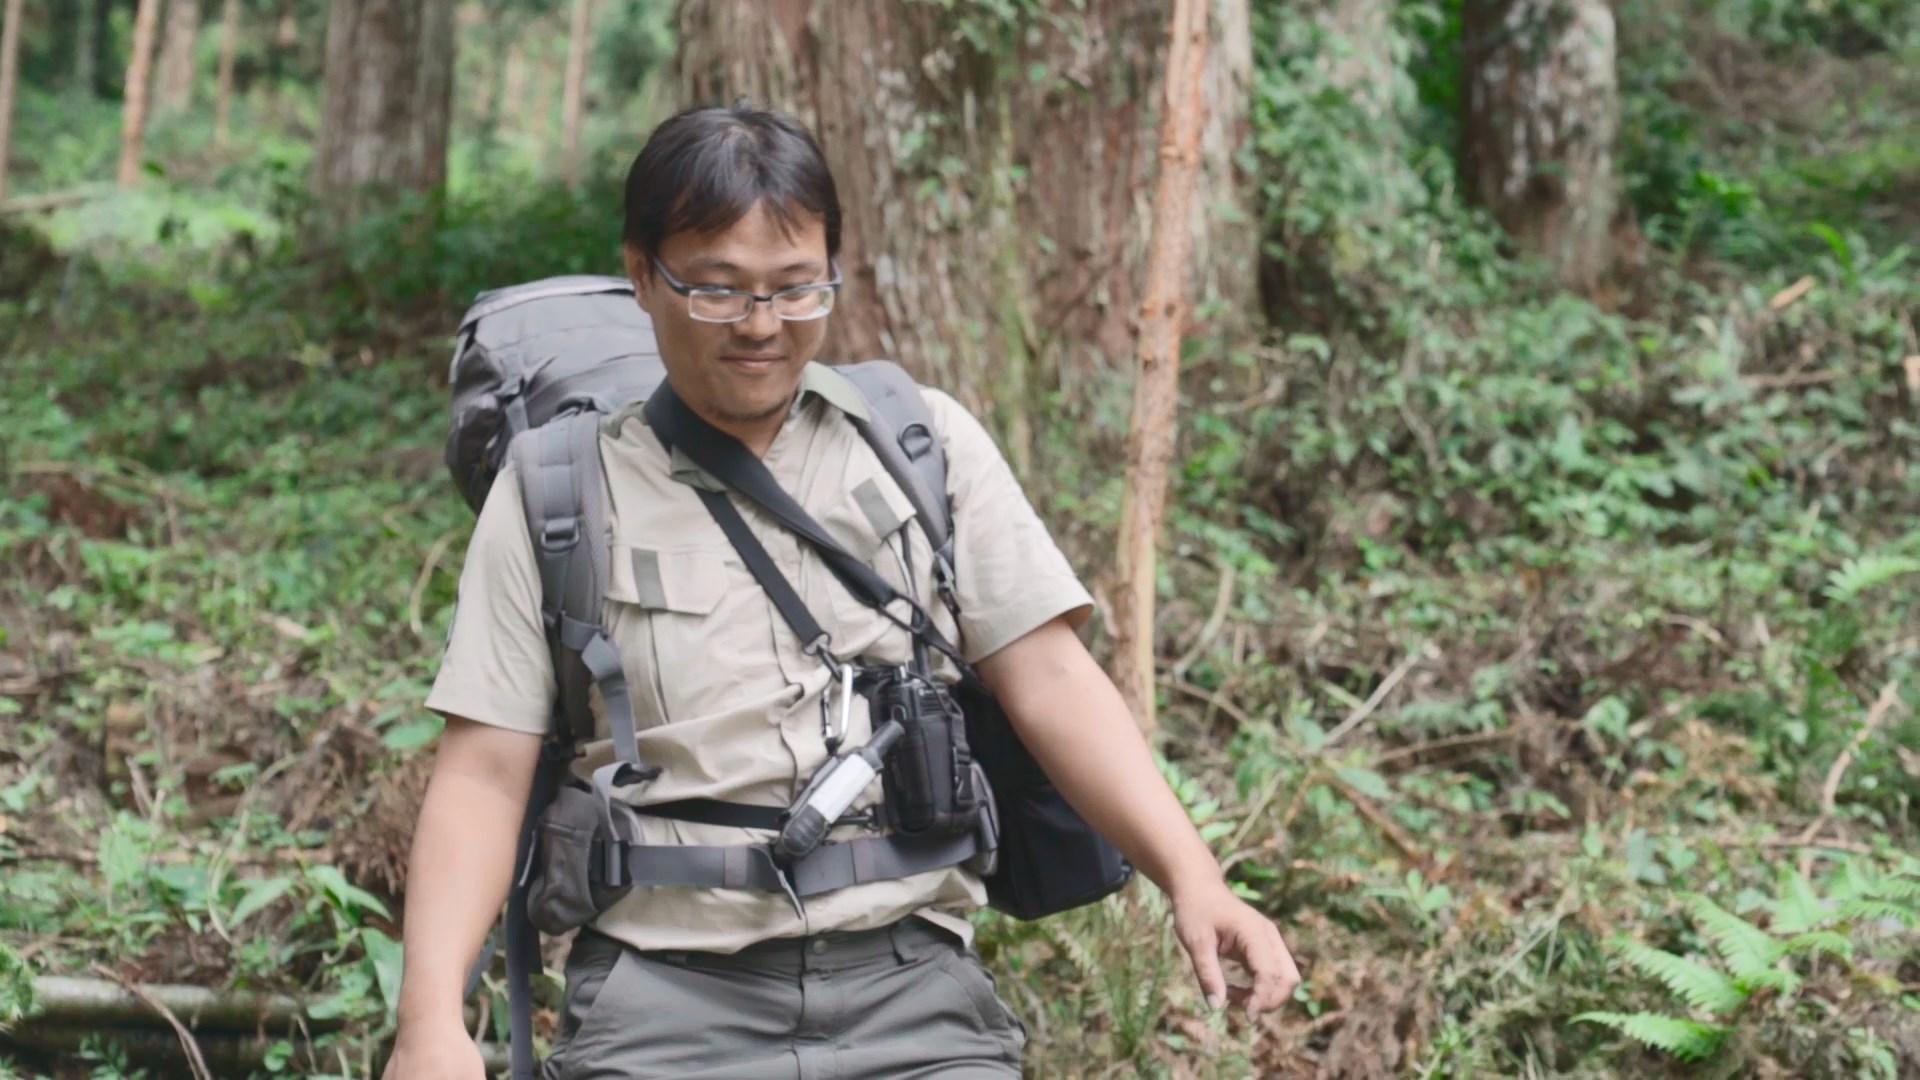 蕭益程4年前加入森林護管員的行列,對於每天充滿冒險的工作相當滿意。